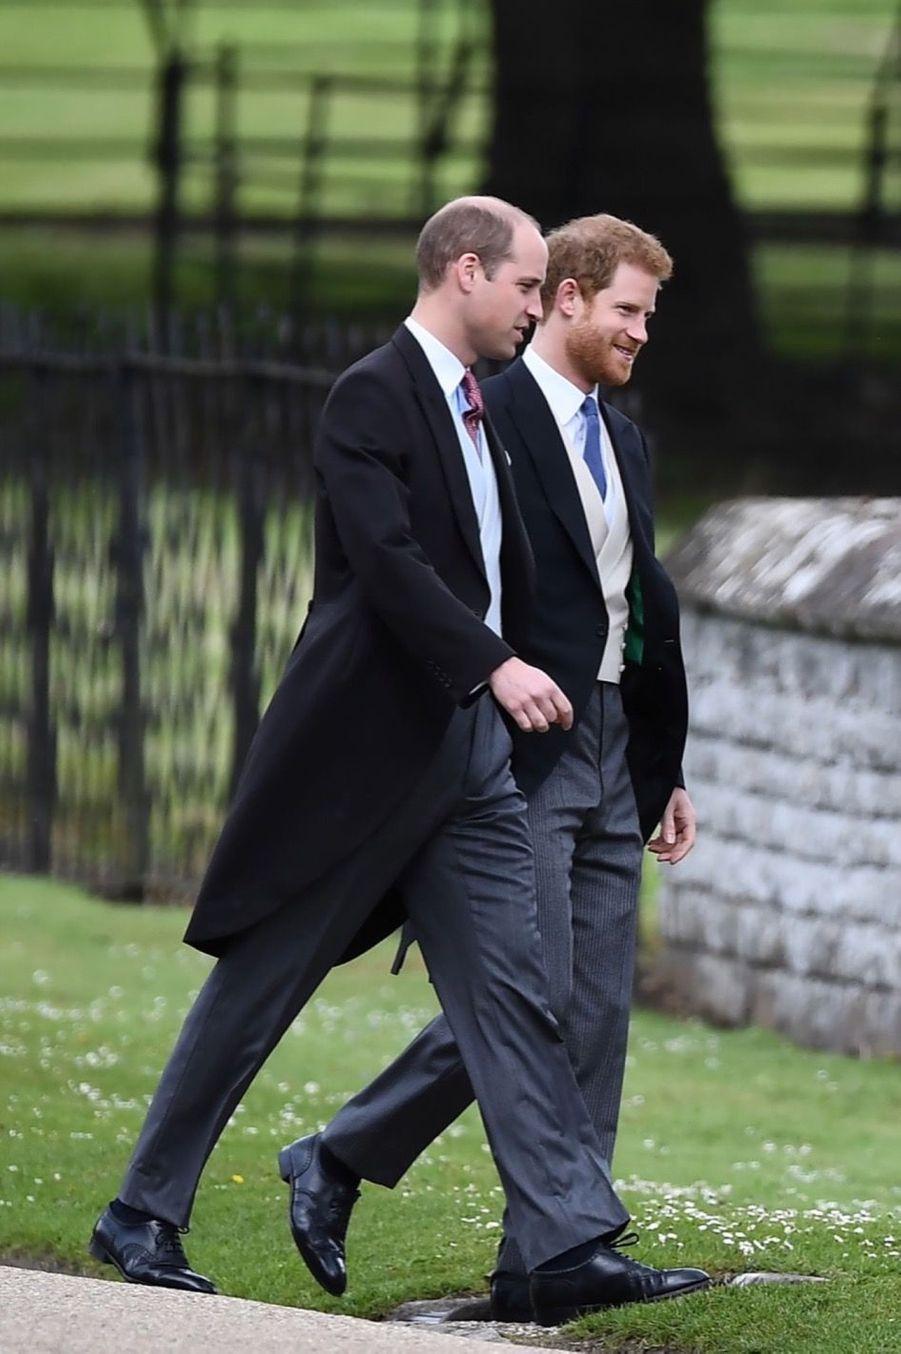 Mariage De Pippa Middleton : Les princes William et Harry